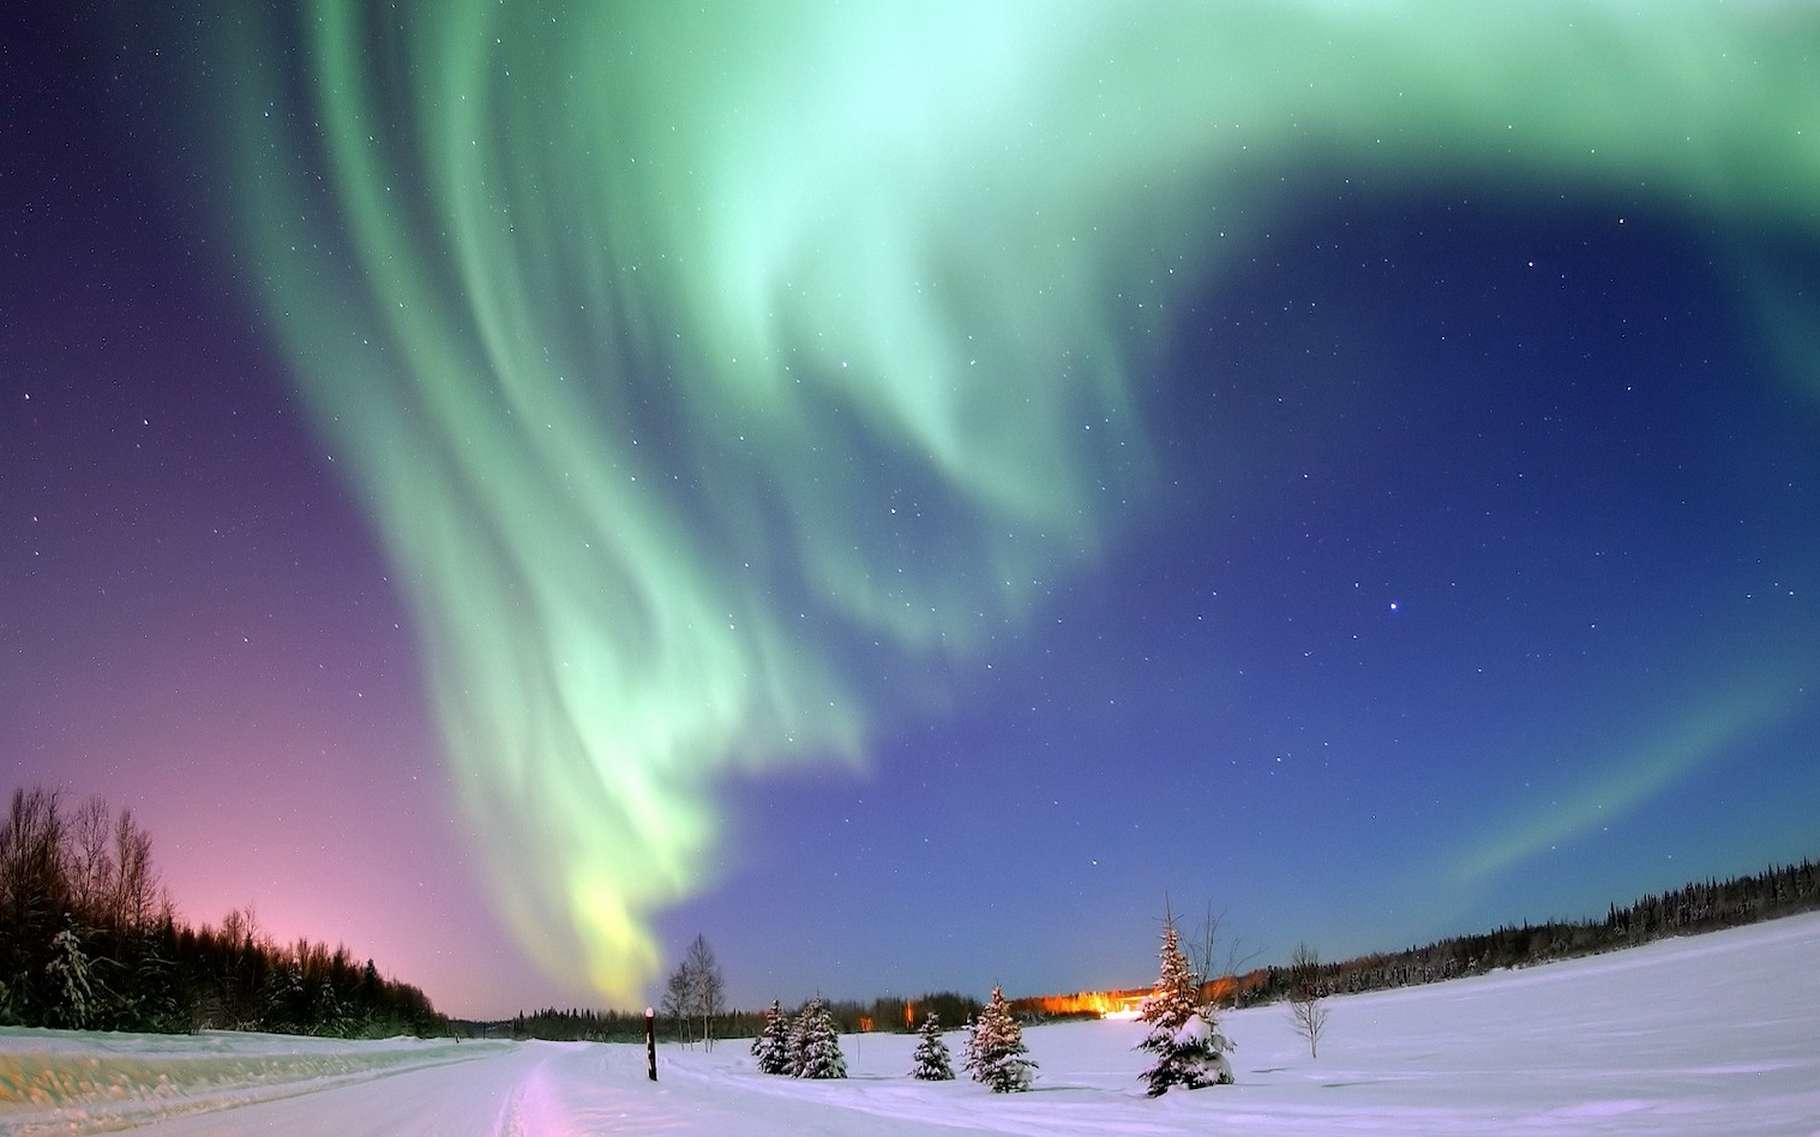 Contrairement à ce que pensaient les chercheurs, le phénomène de reconnexion magnétique ne serait pas à l'origine des asymétries observées entre aurores boréales et aurores australes. © WikiImages, Pixabay, CC0 Creative Commons